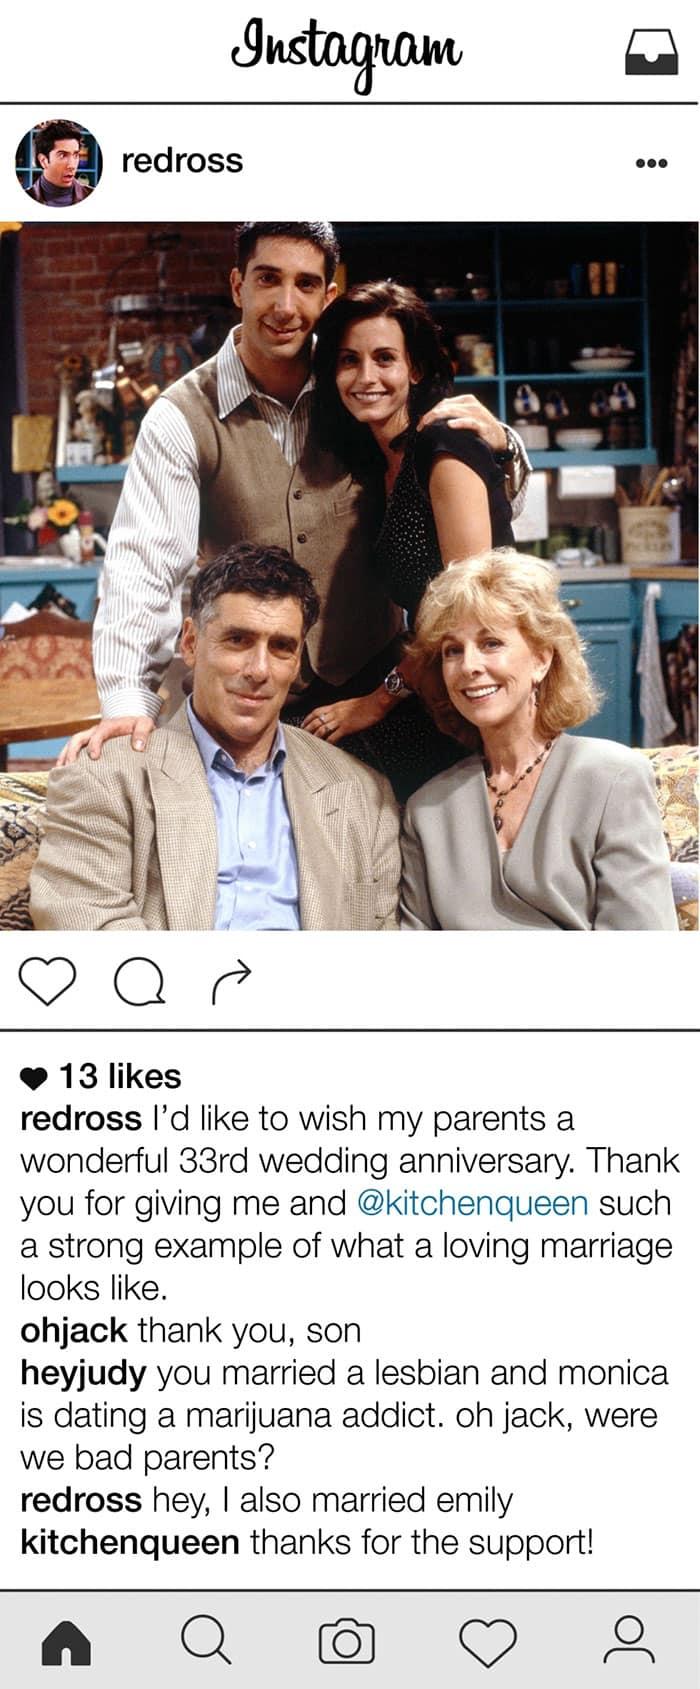 friends-ross-geller-instagram-parents